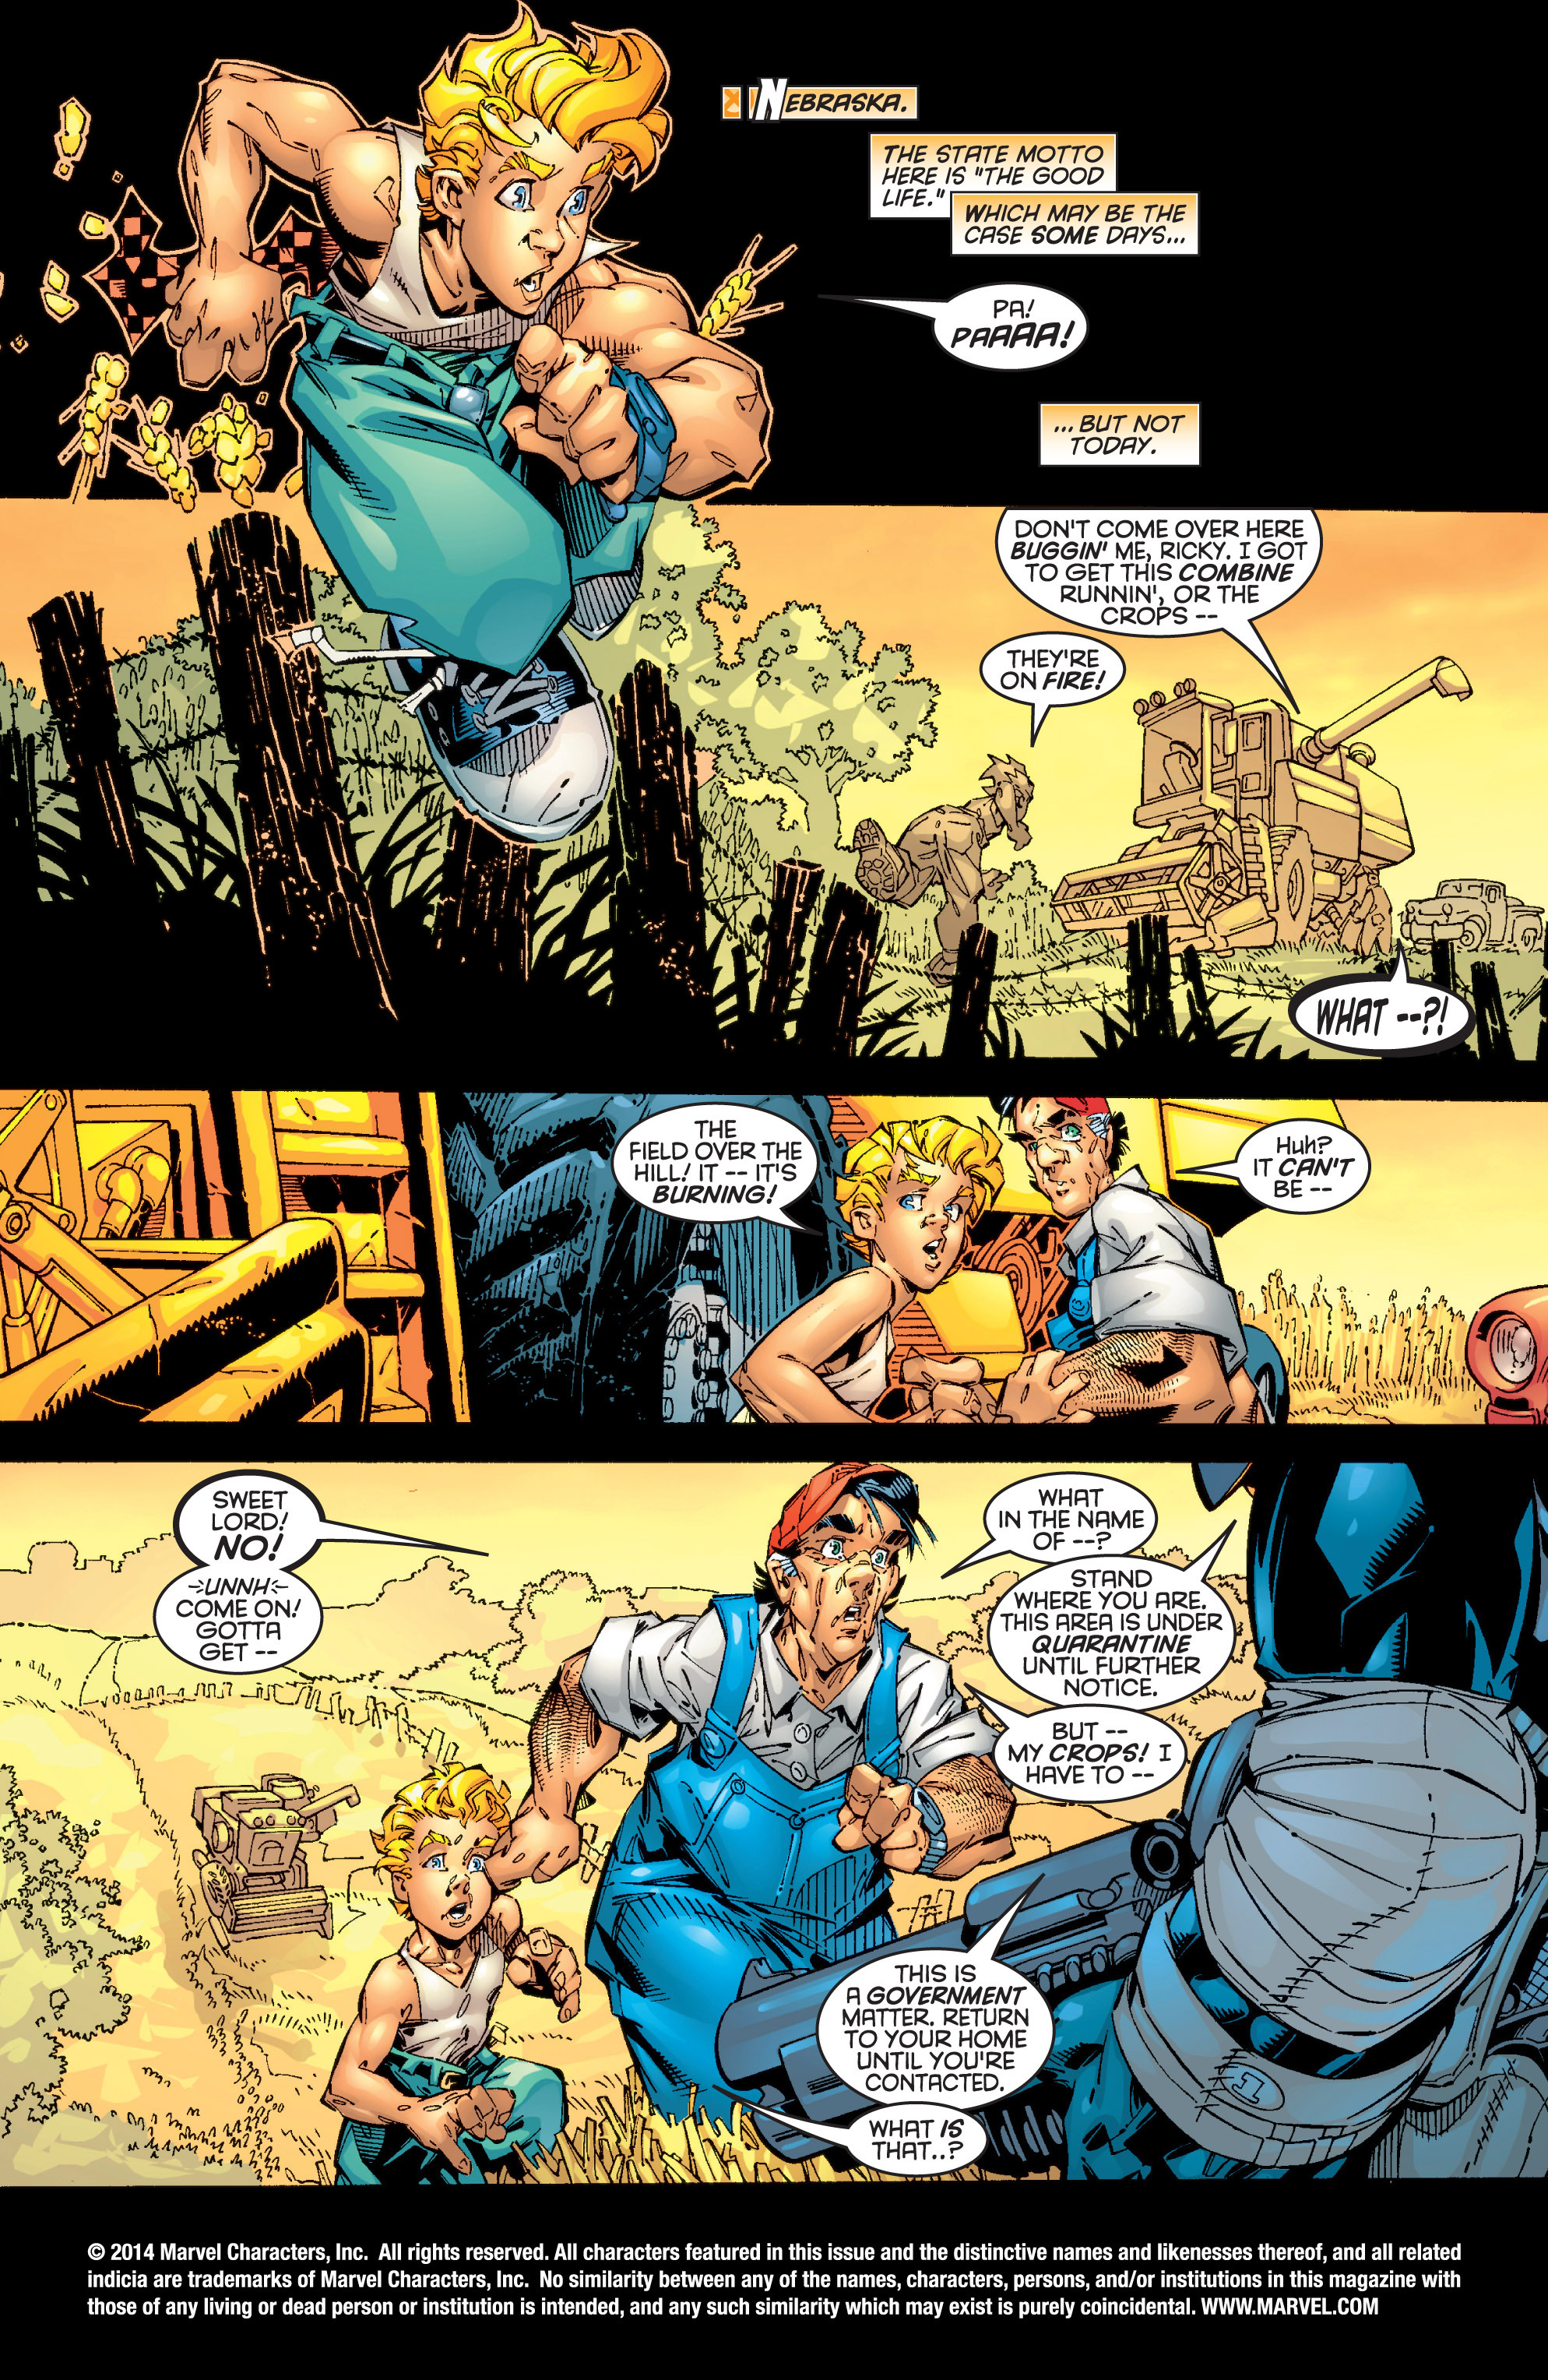 Read online Uncanny X-Men (1963) comic -  Issue #362 - 2